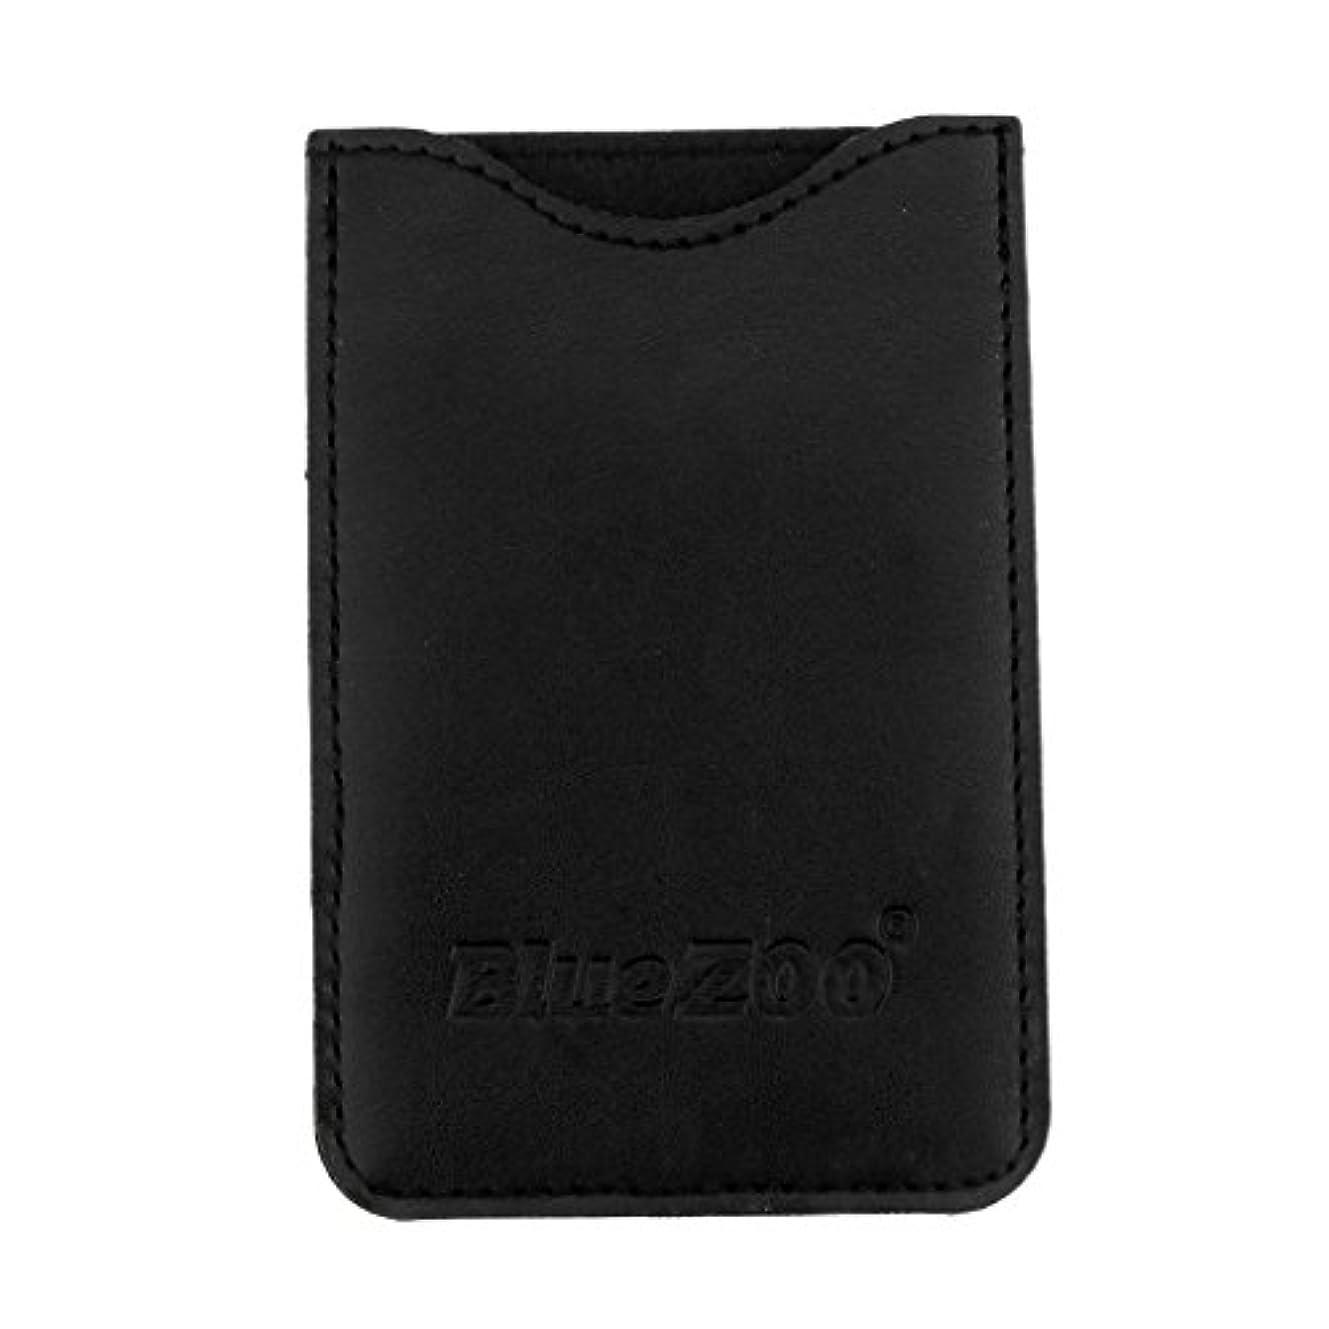 Toygogo PUレザー ポケット コームバッグ 櫛バッグ 収納パック 保護カバー 柔らかい 全2色 - ブラック